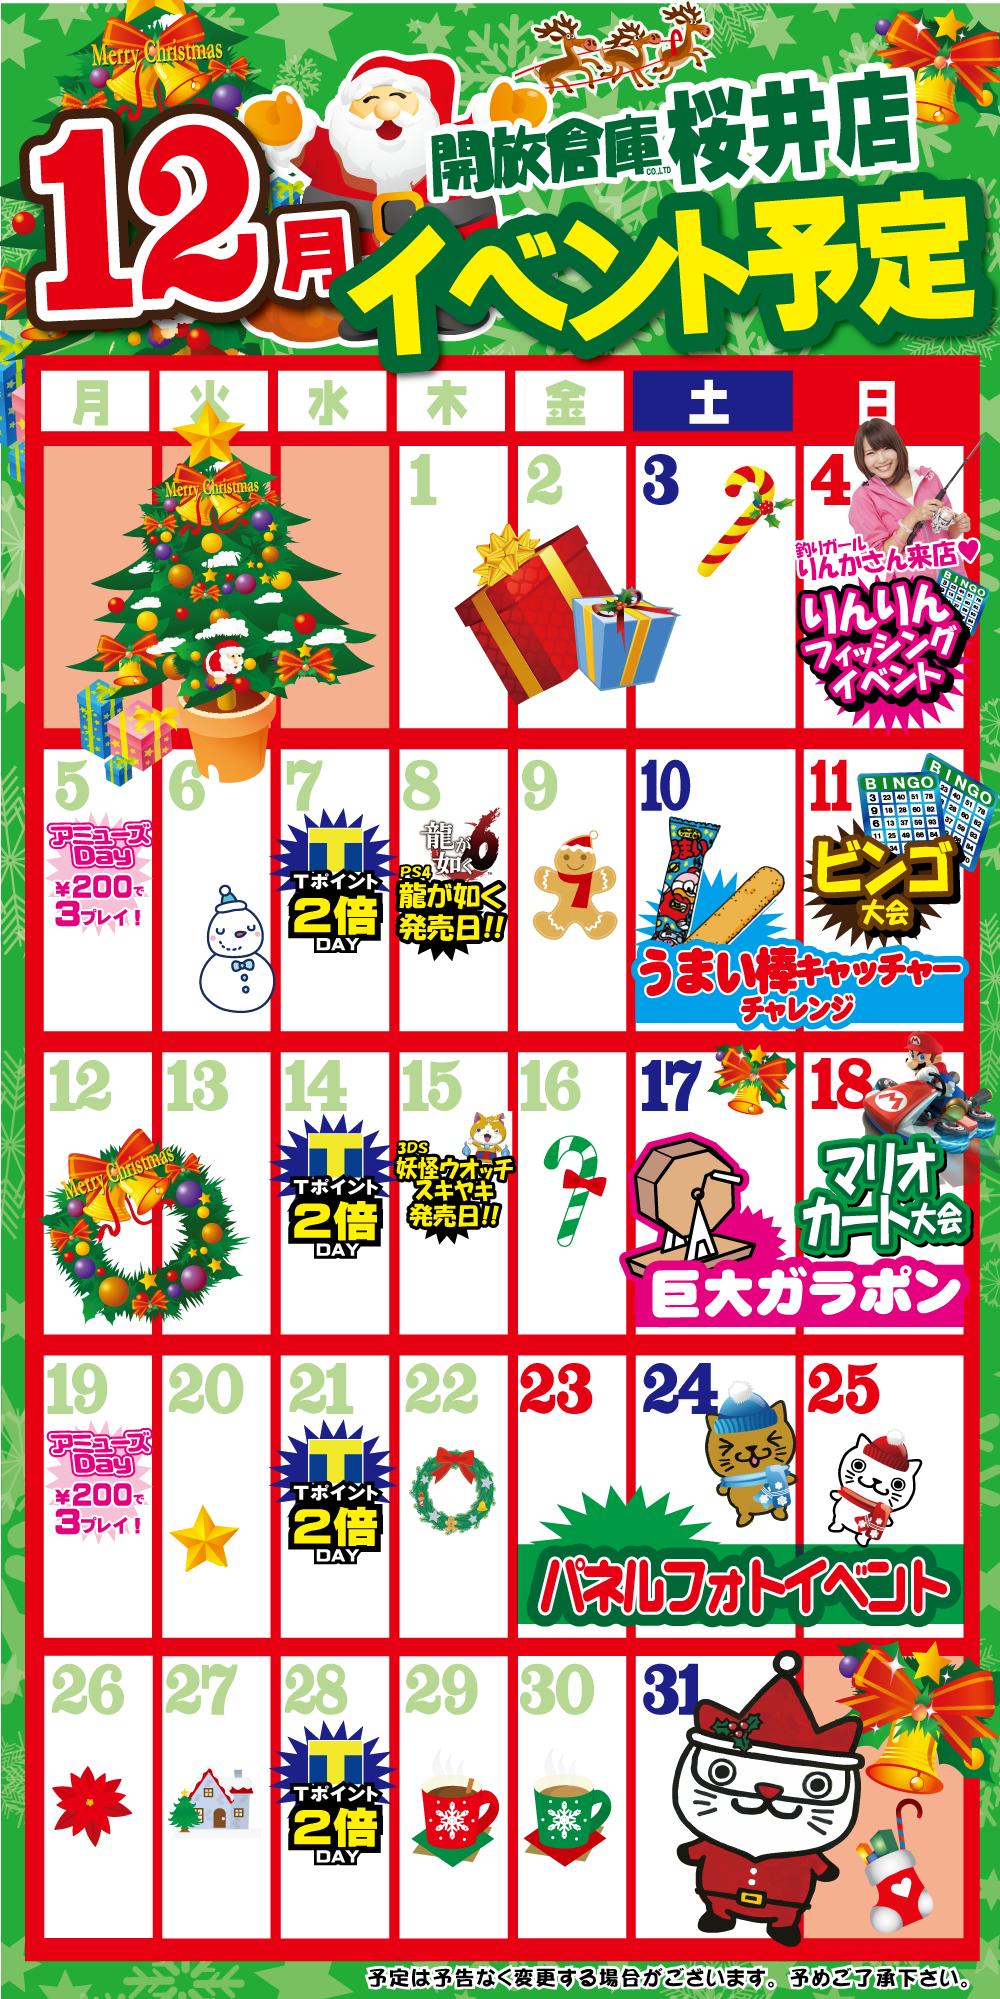 「開放倉庫桜井店」2016年12月桜井店イベントカレンダー公開!